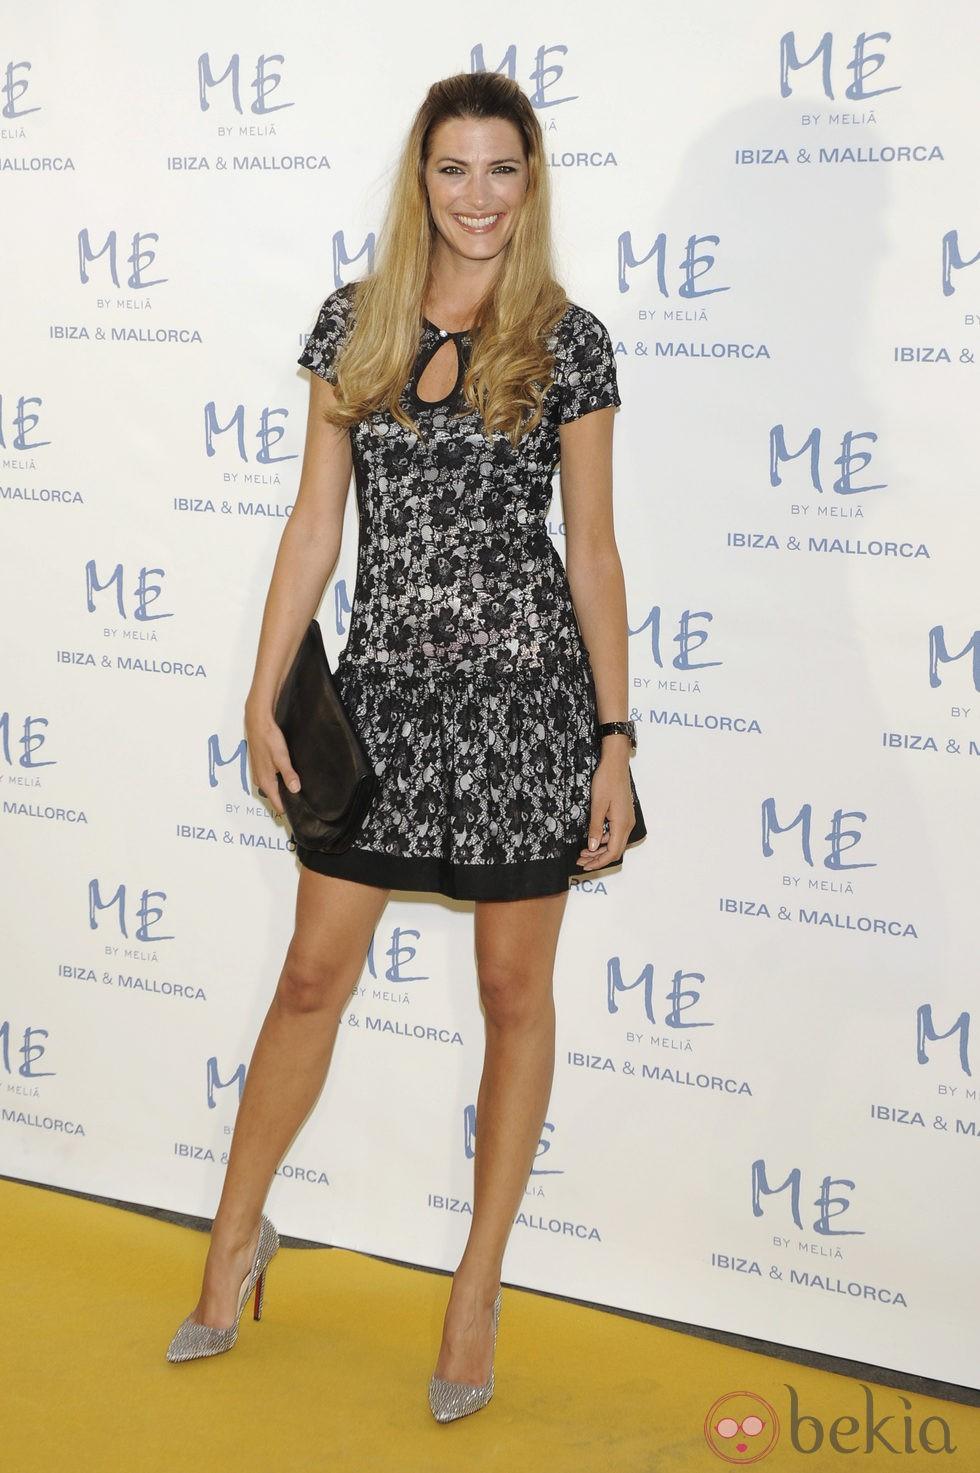 Laura Sánchez en un evento celebrado en el Hotel Me Madrid